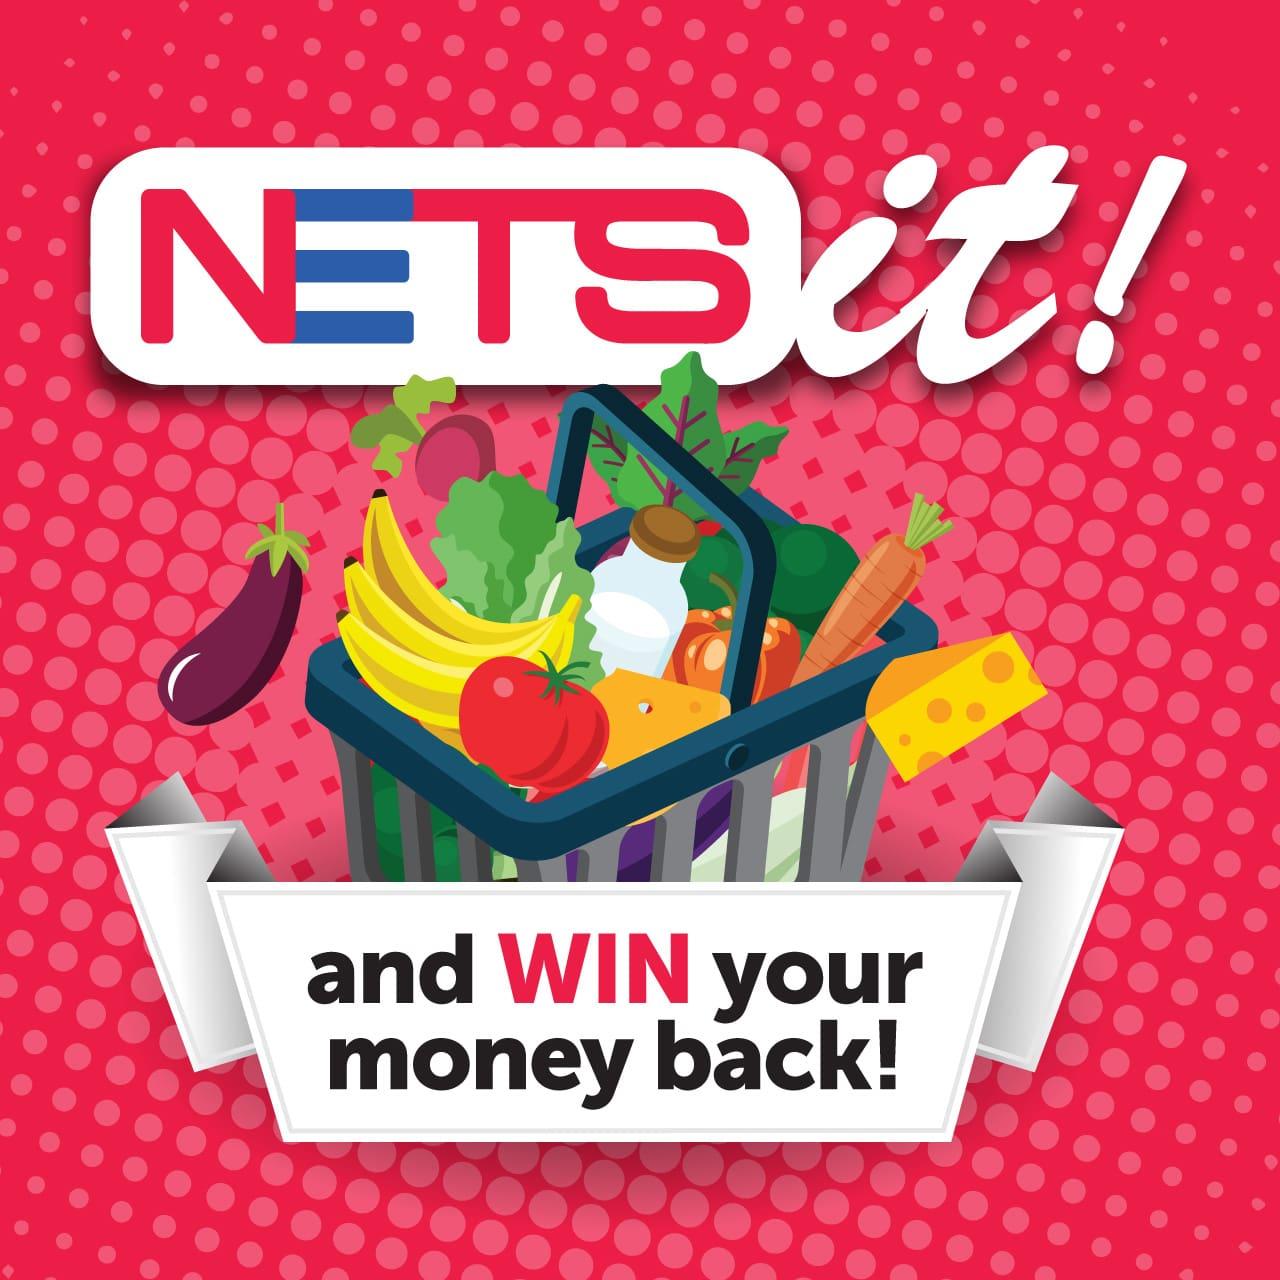 nets it groceries